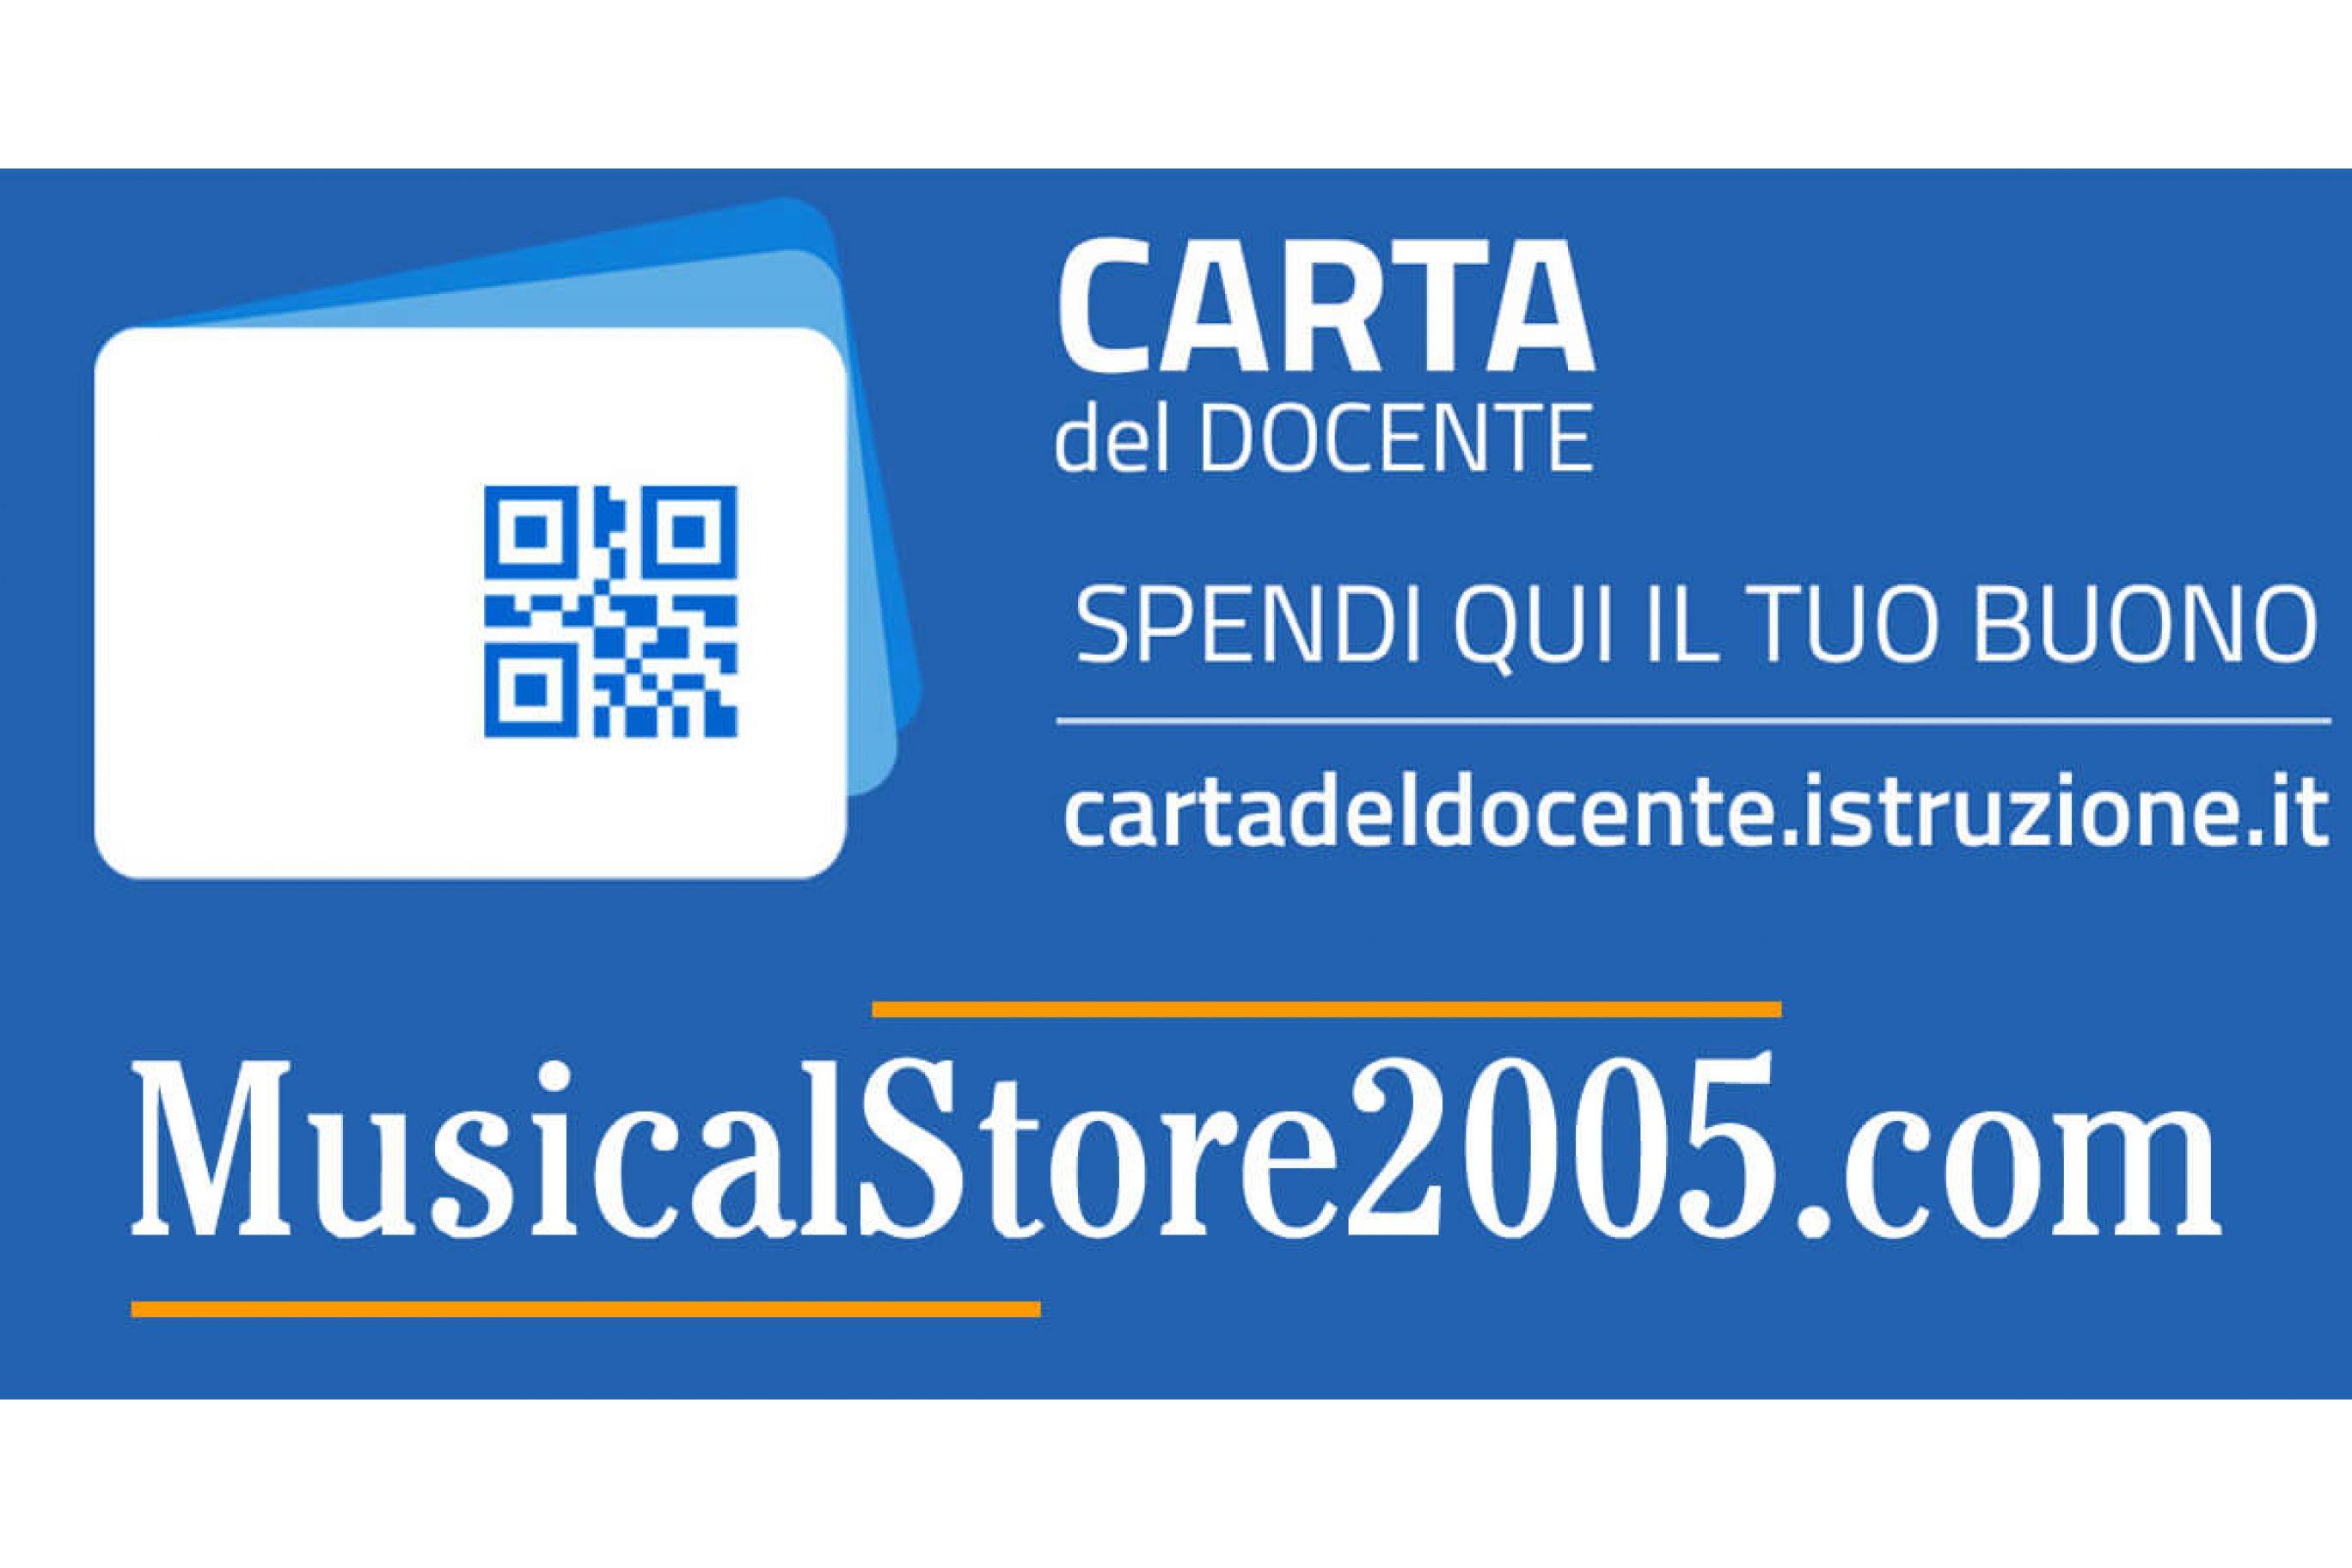 Carta del docente 2017/2019 - Strumenti Musicali